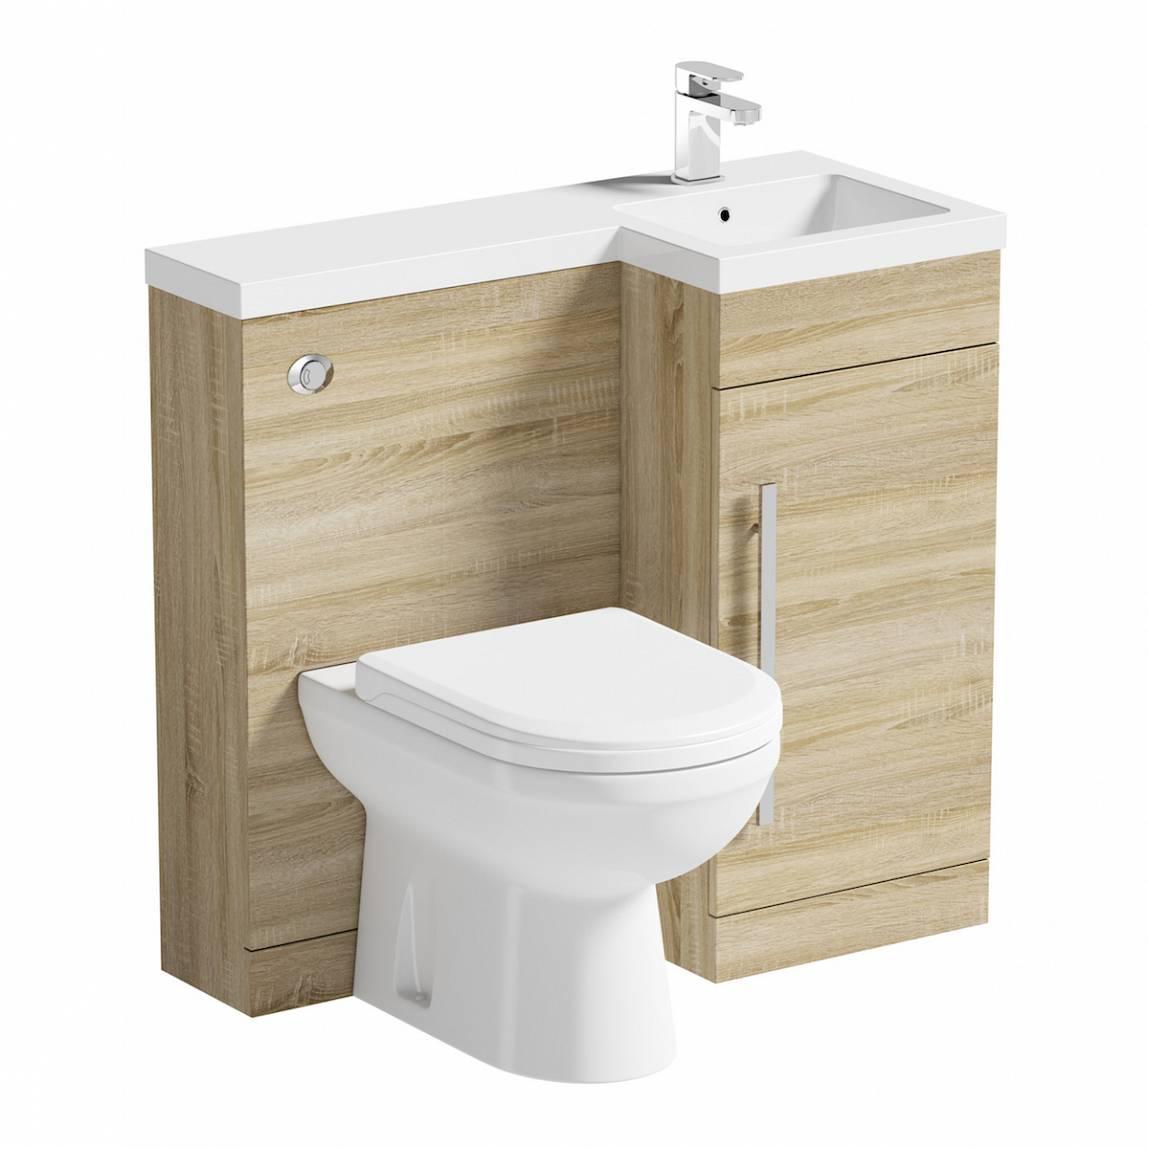 Image of MySpace Oak Combination Unit RH with Autograph BTW Toilet